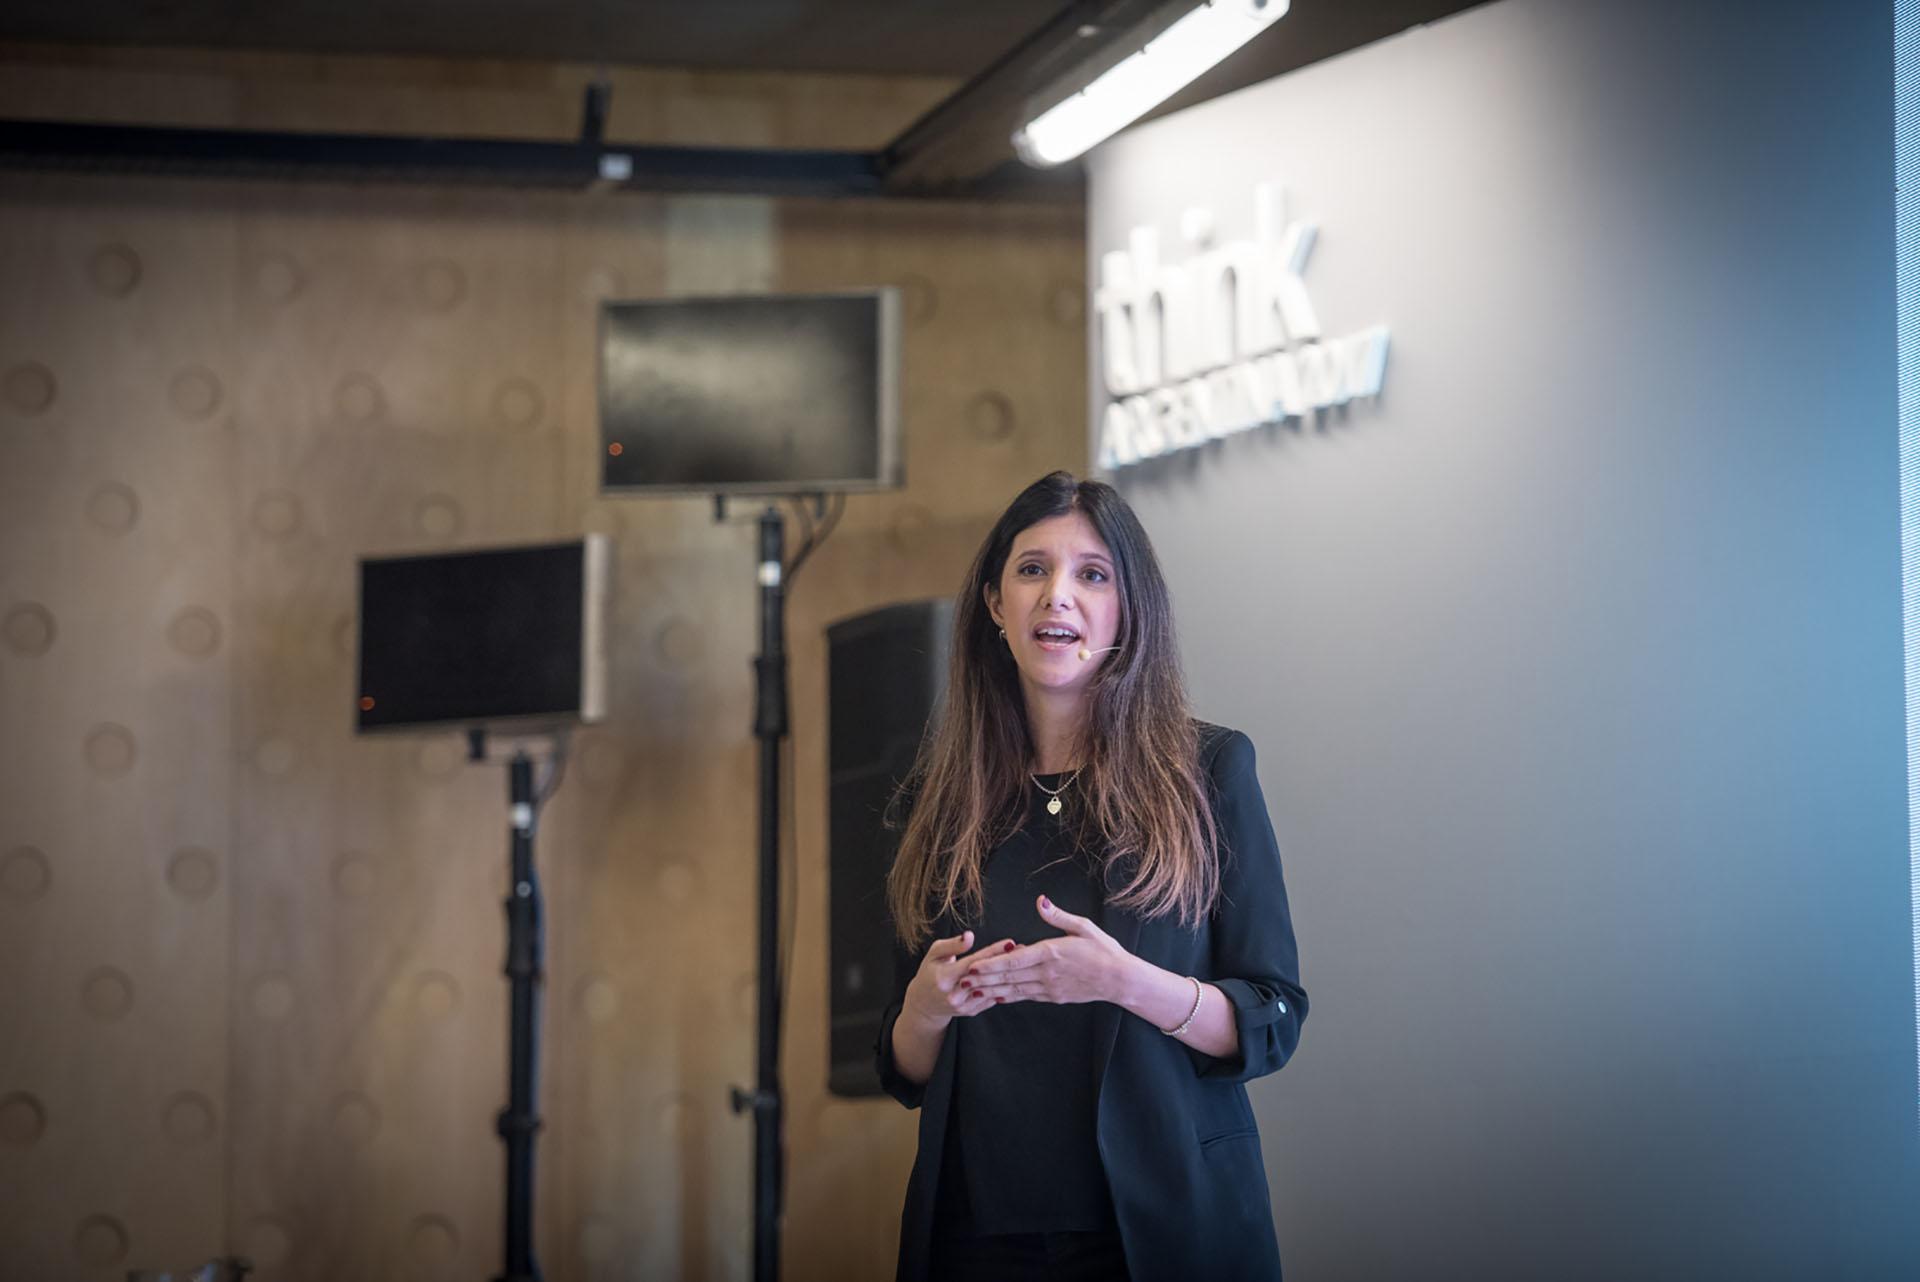 Eugenia Denari, gerente de Marketing de Google Argentina, compartió casos de éxito de emprendedores, pymes y organizaciones sociales beneficiadas por las iniciativas de la compañía.